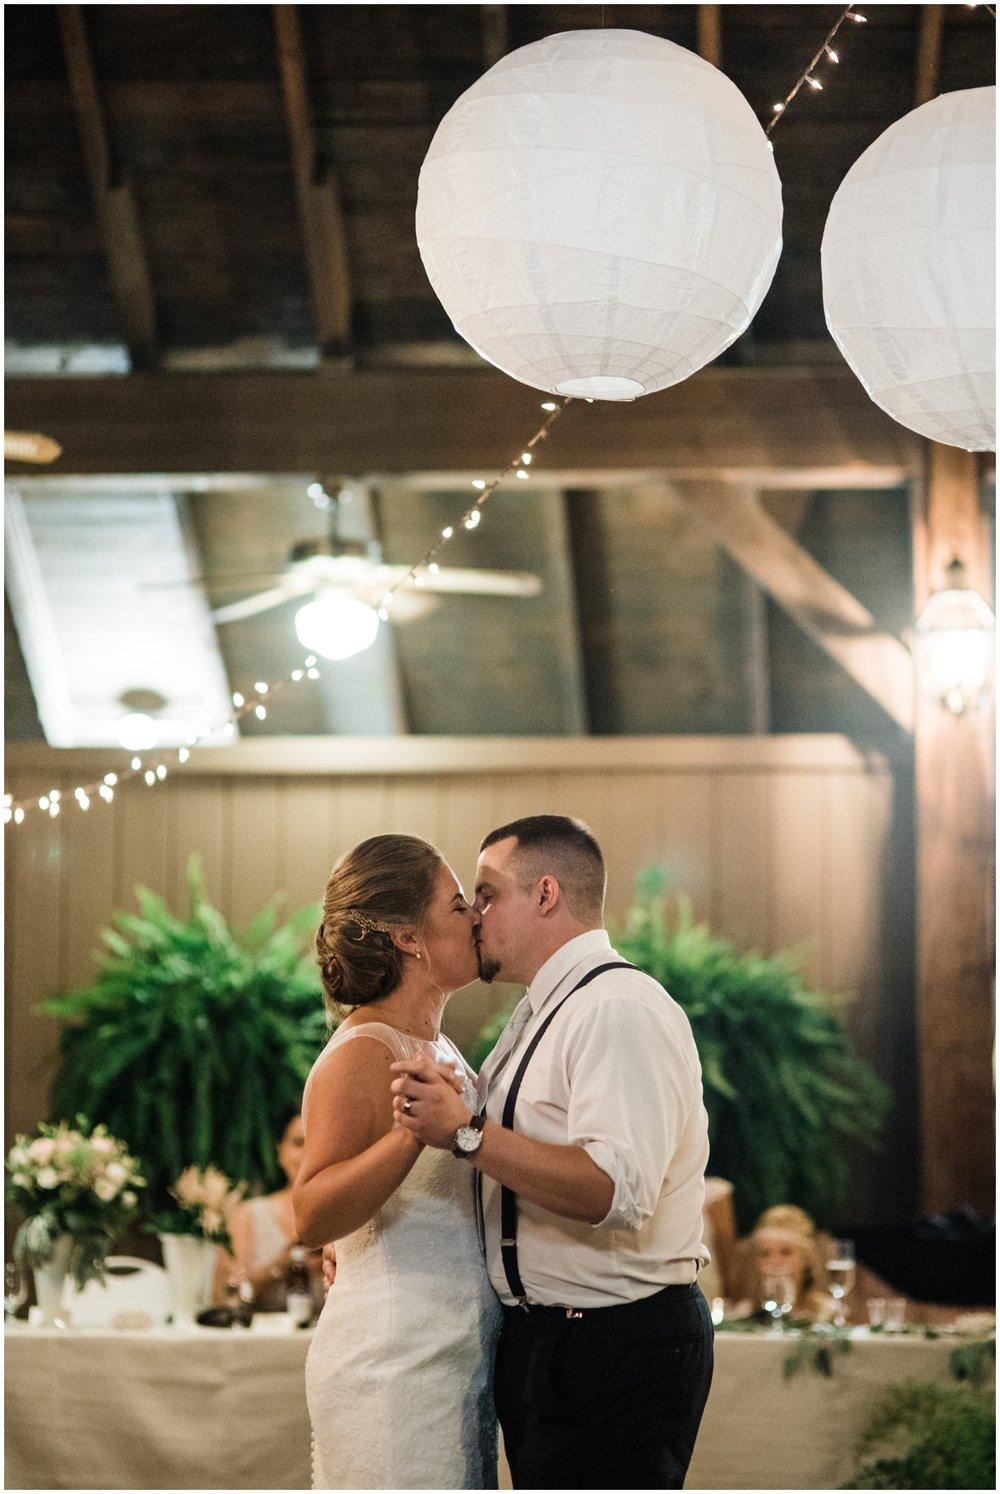 Dayton Wedding Photographer. Polen Farm_0600.jpg